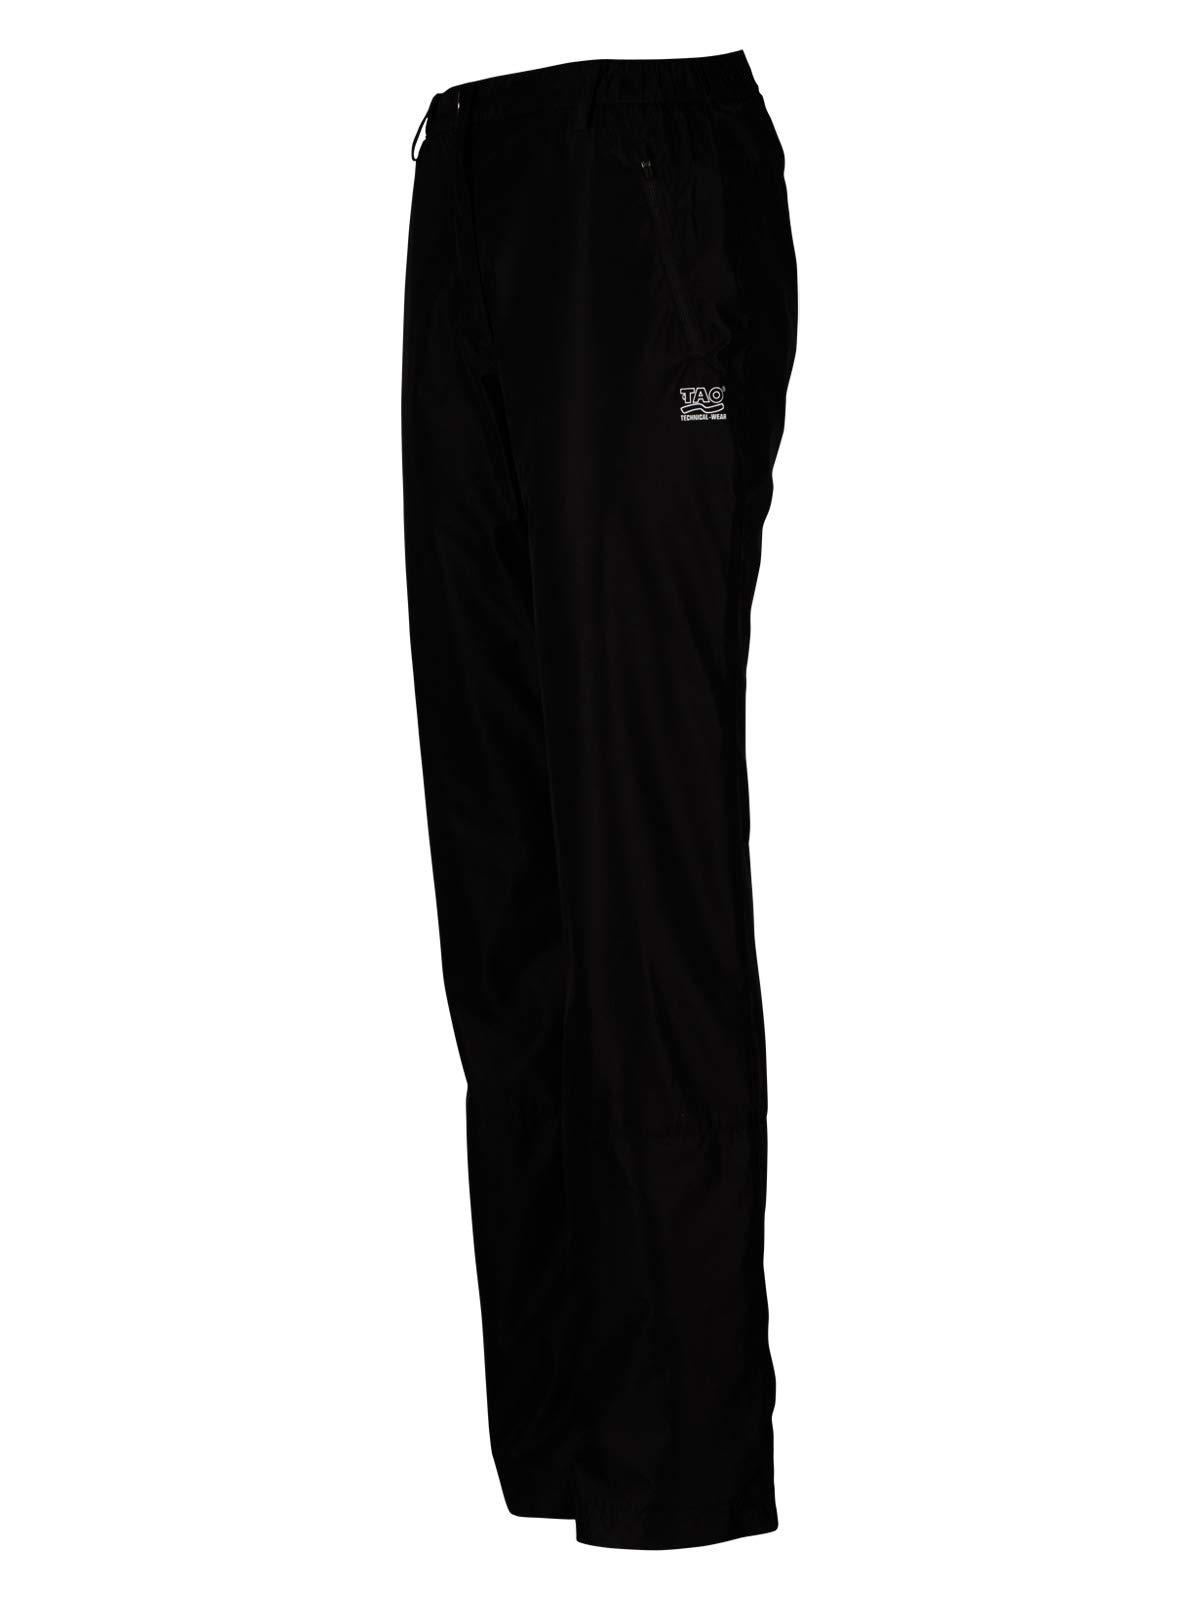 TAO Sportswear Damen Hose MULTISPORTS, Black, 21